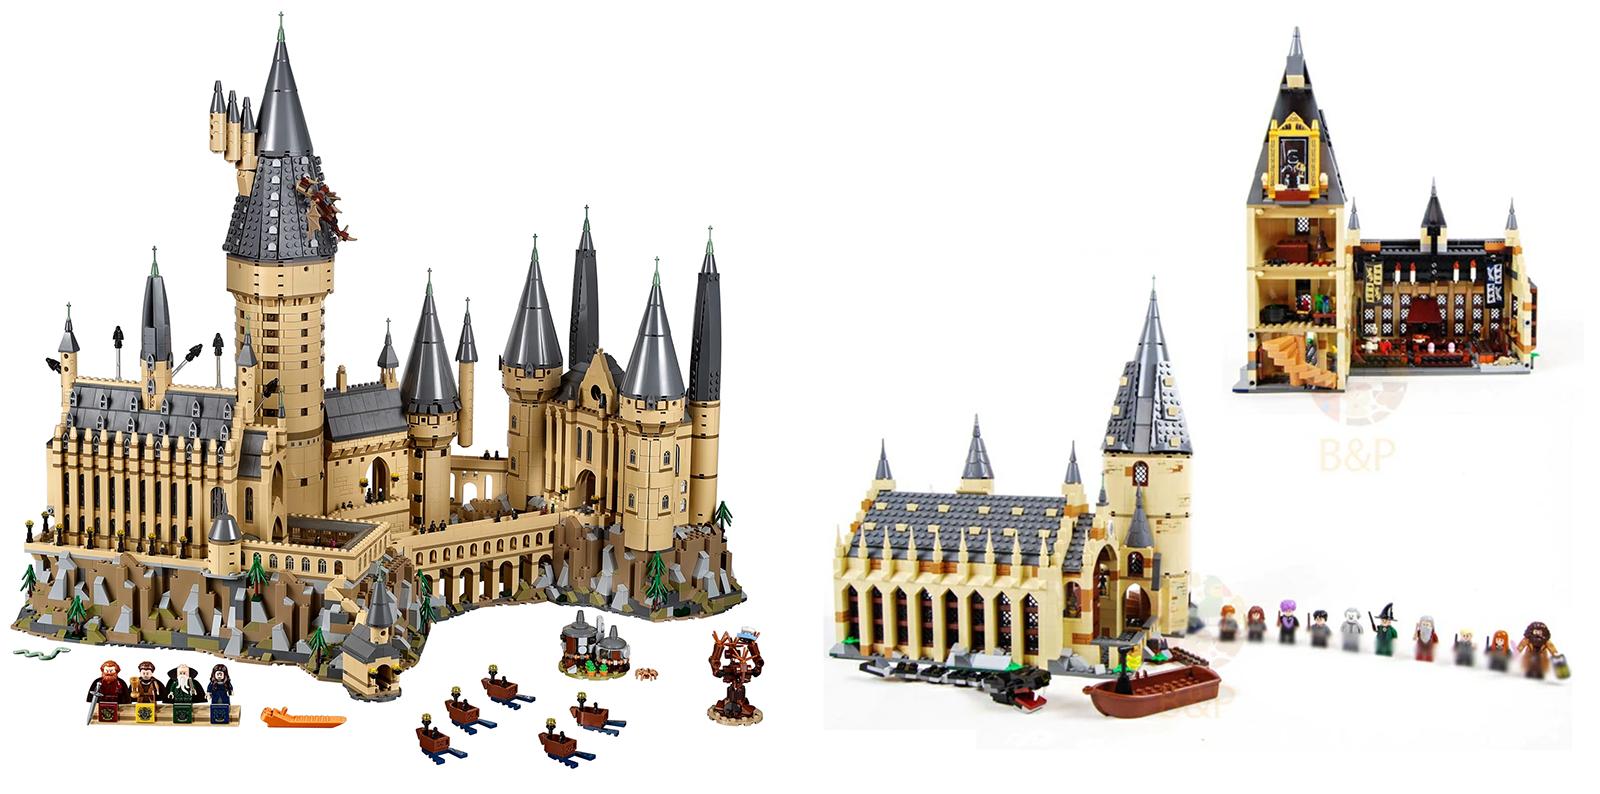 Слева — оригинал набора «Замок Хогвартс» за 34 999<span class=ruble>Р</span>. Справа — аналог с «Алиэкспресса» за 2410<span class=ruble>Р</span>